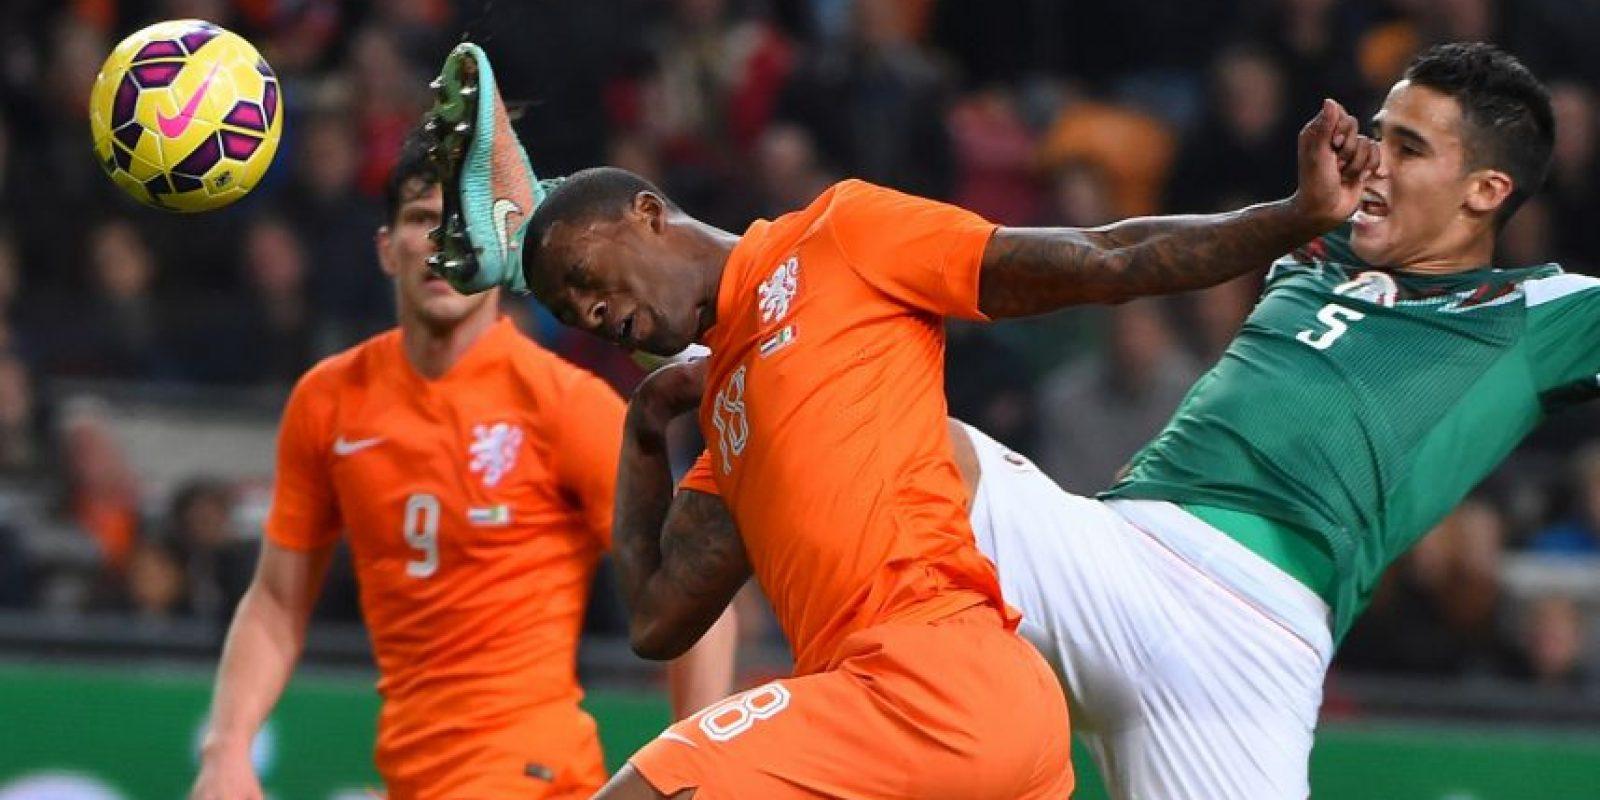 El holandés Georginio Wijnaldum y el mexicano Diego Reyes pelean la pelota, en un partido amistoso, celebrado en Ámsterdam Foto:AFP